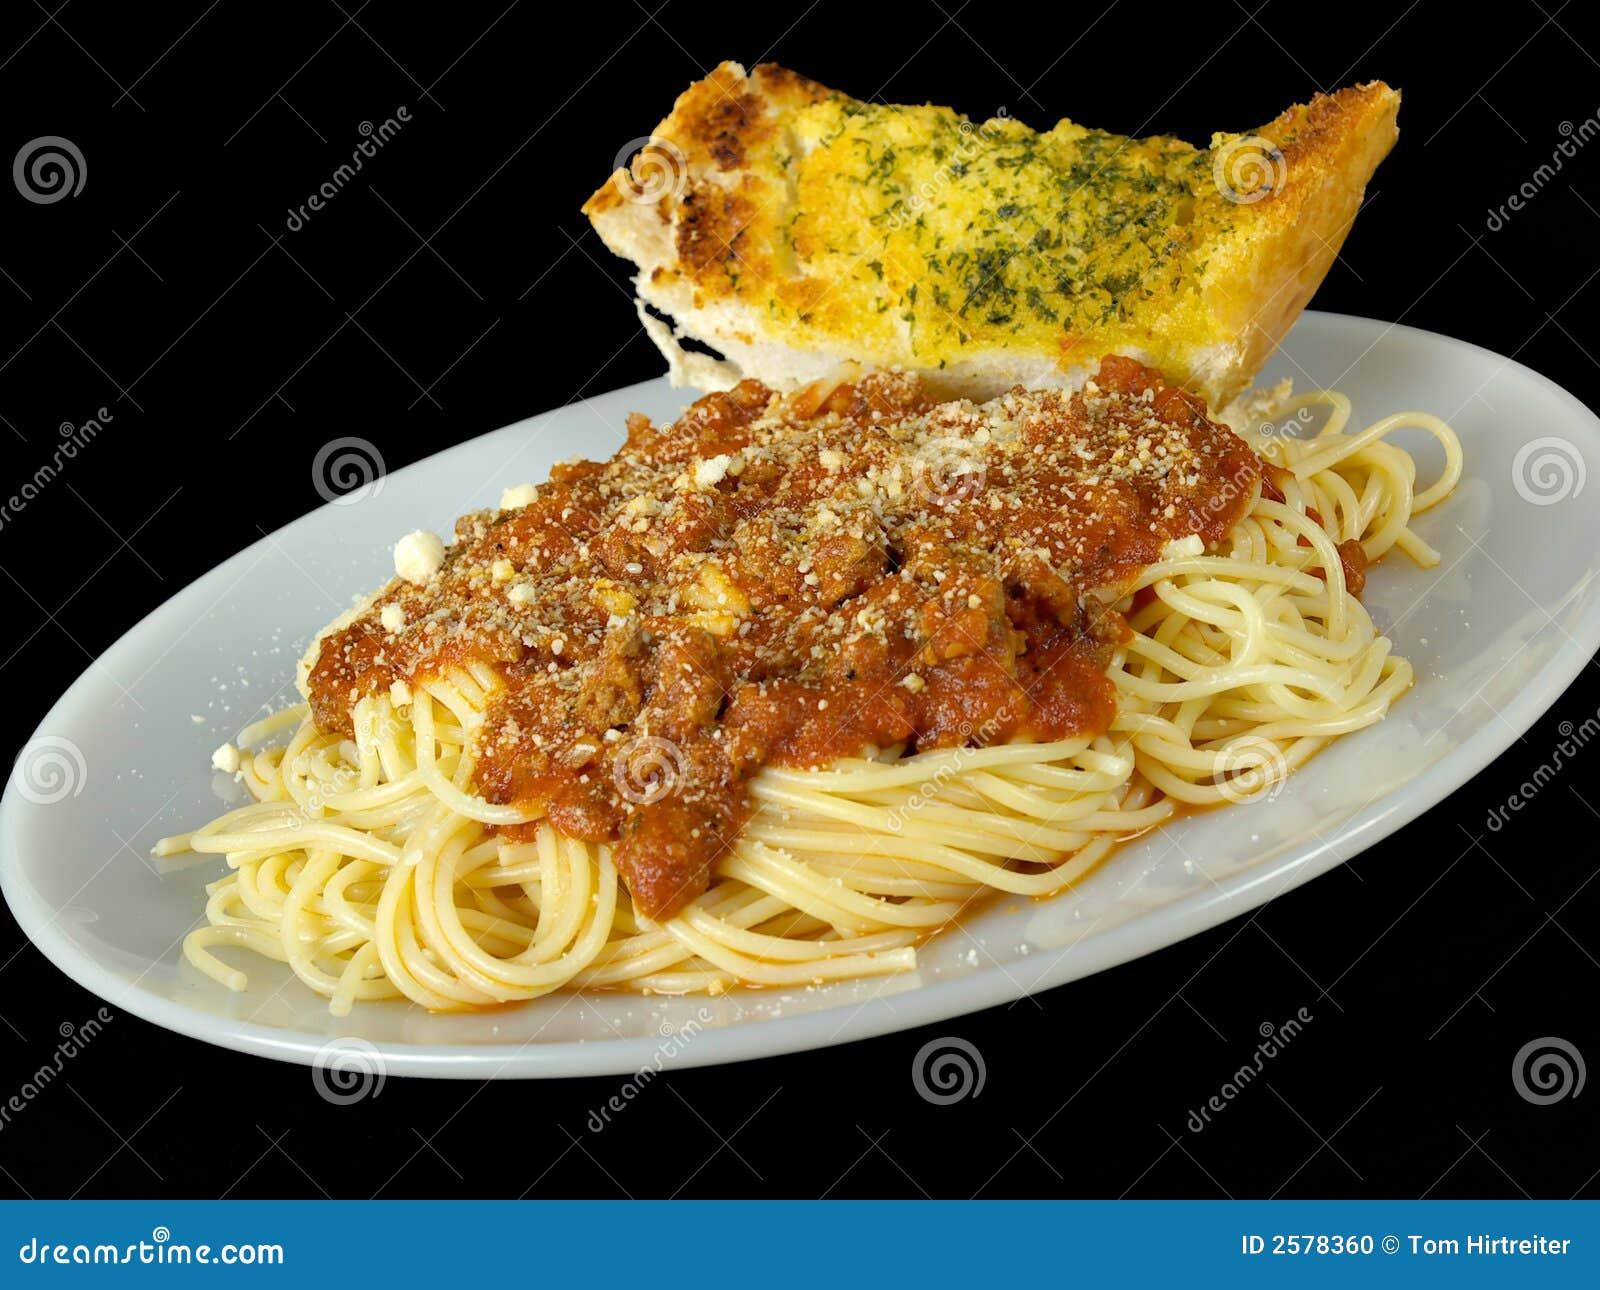 Spaghetti and Garlic Bread